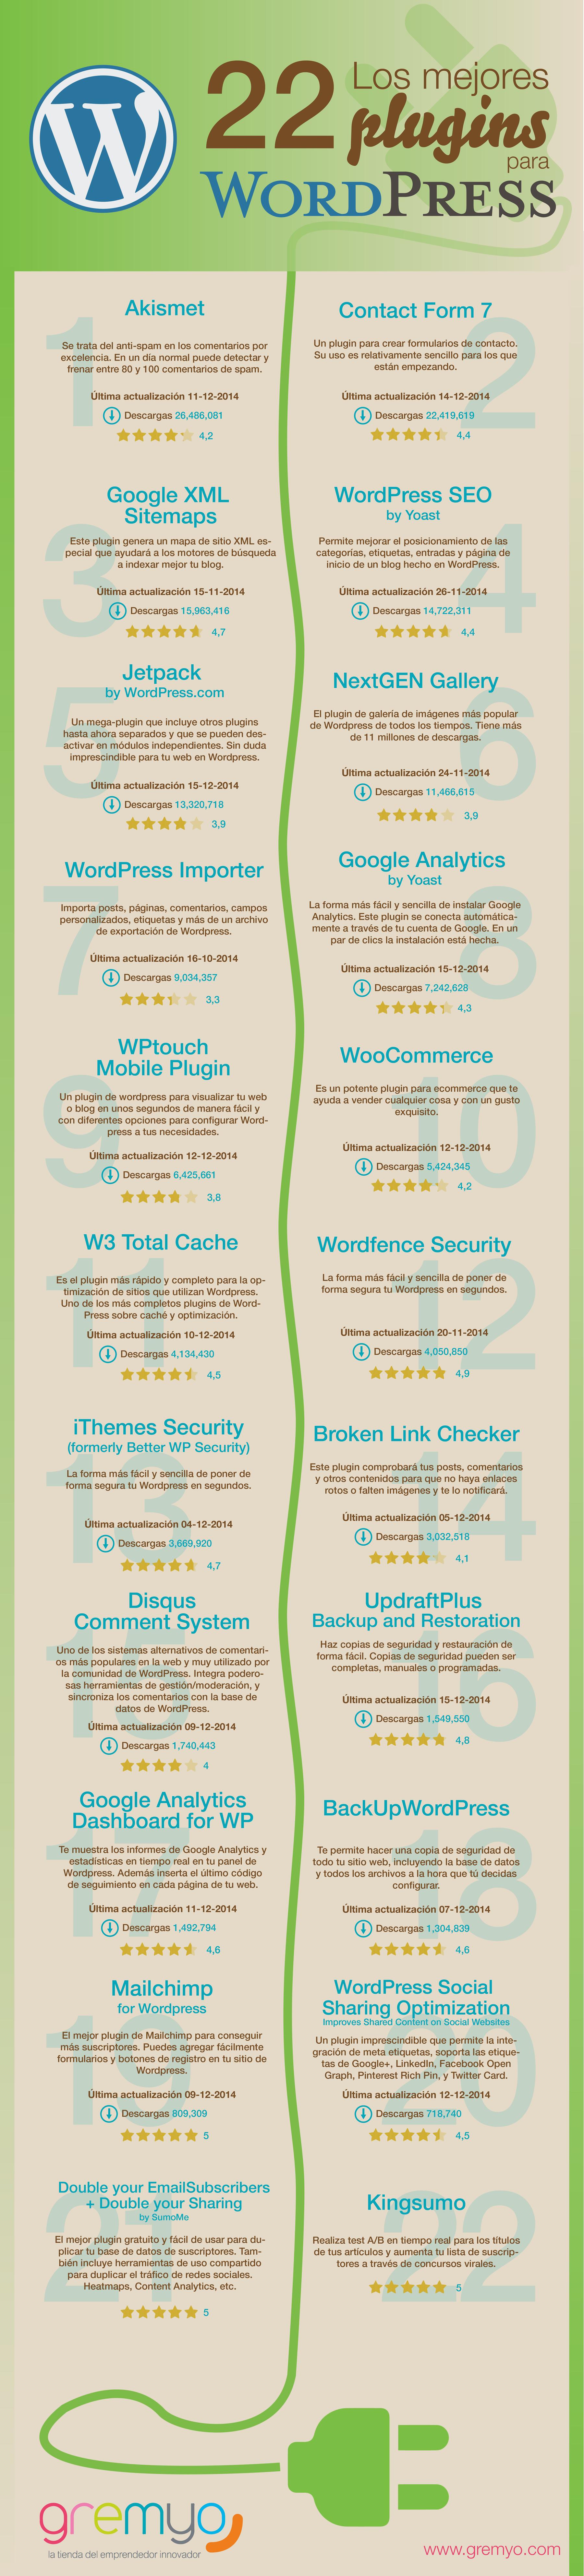 Los 22 mejores plugins para WordPress - Infografía